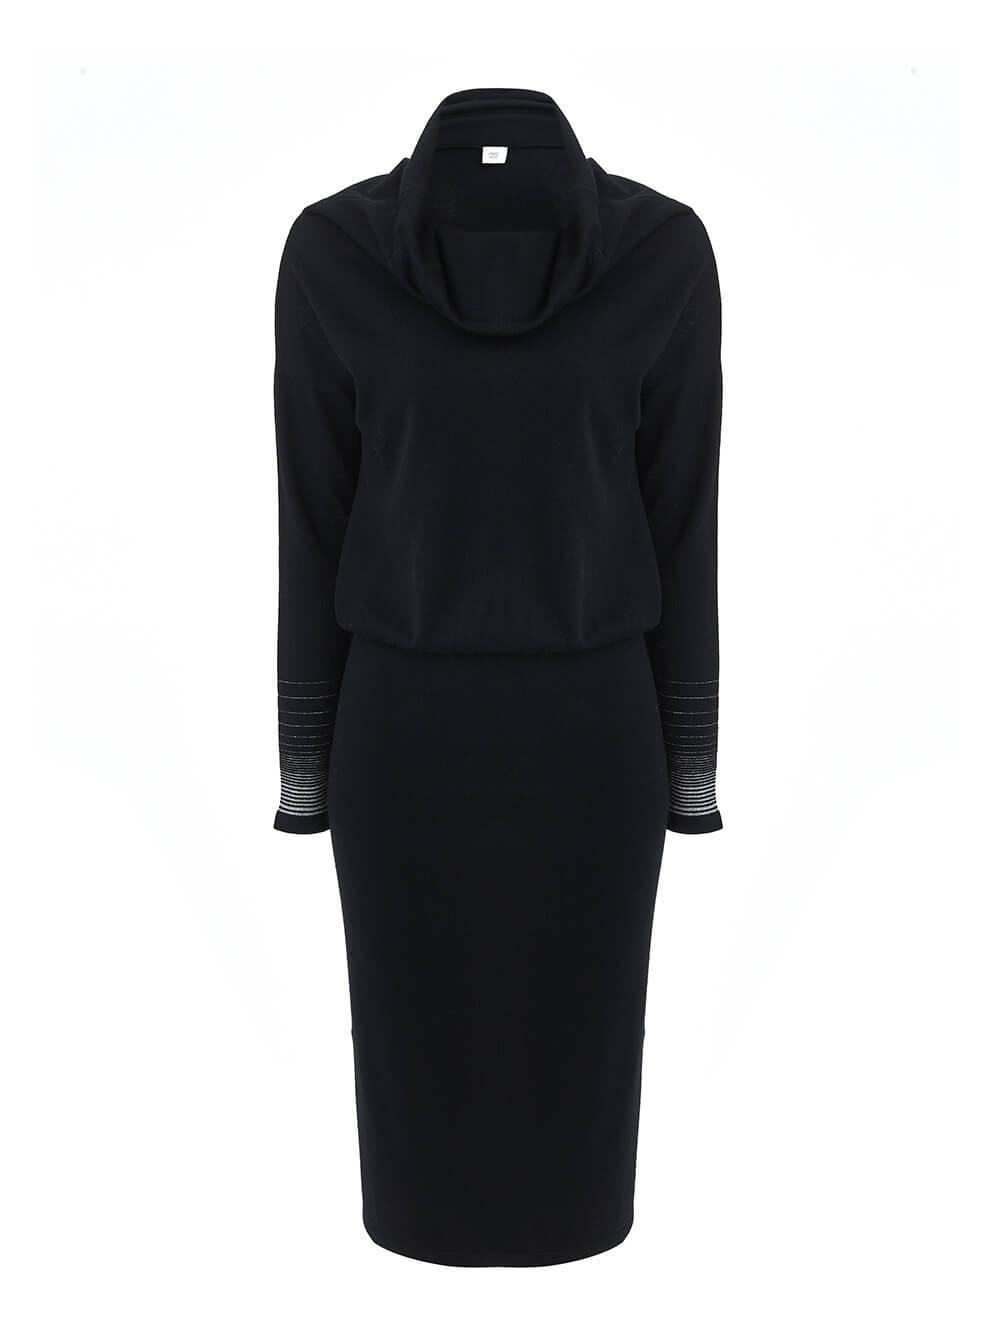 Женское платье черного цвета из шерсти и вискозы - фото 1